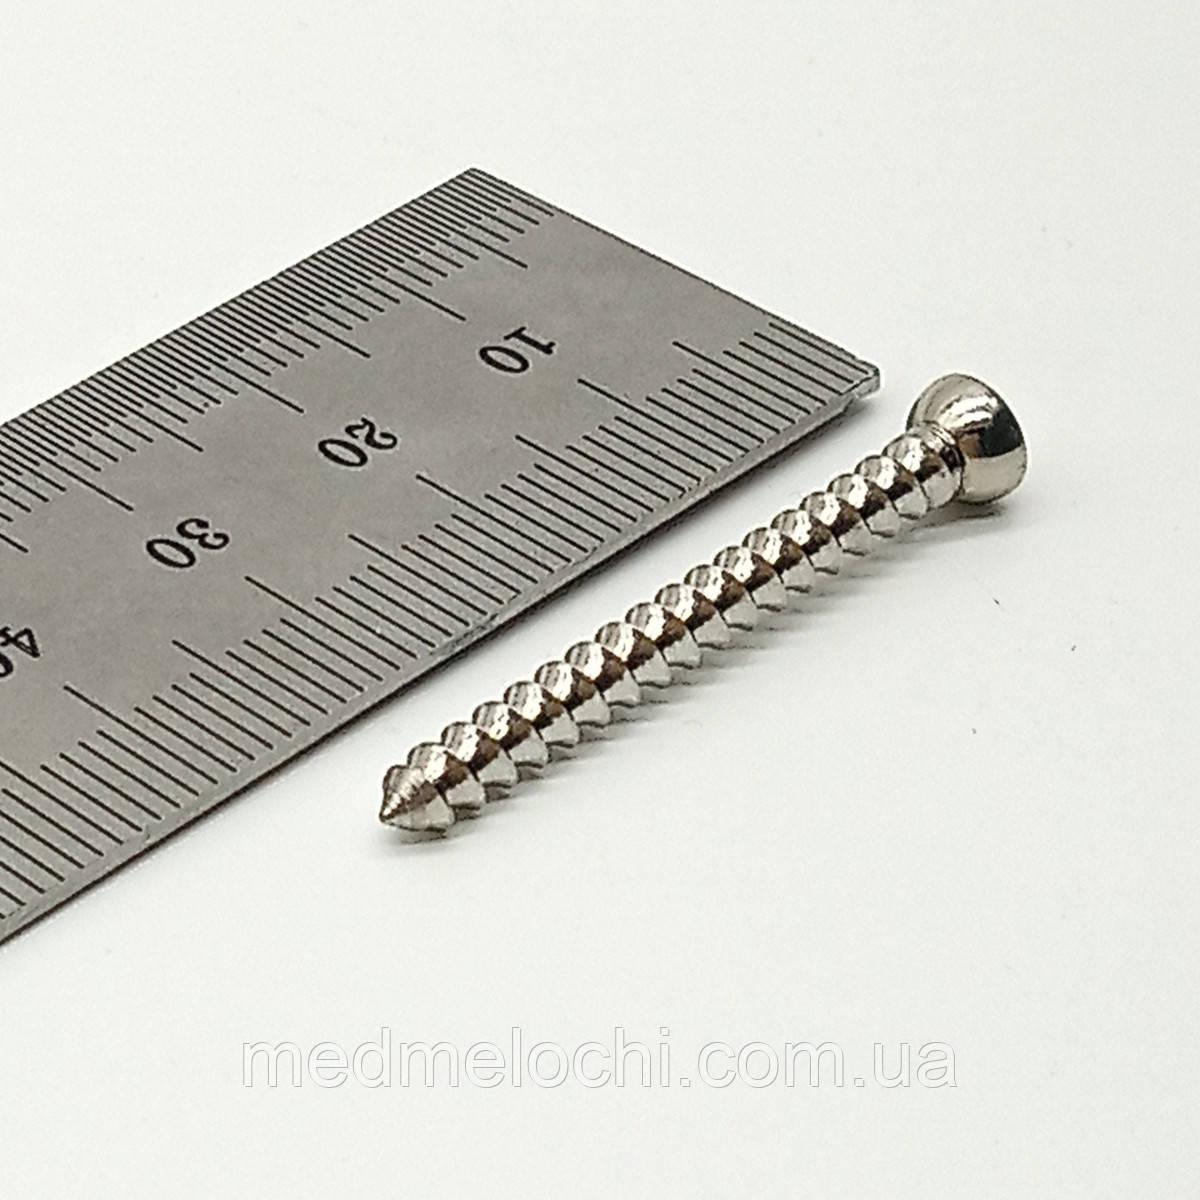 Гвинт малий спонгіозний D=3,5мм, 36мм